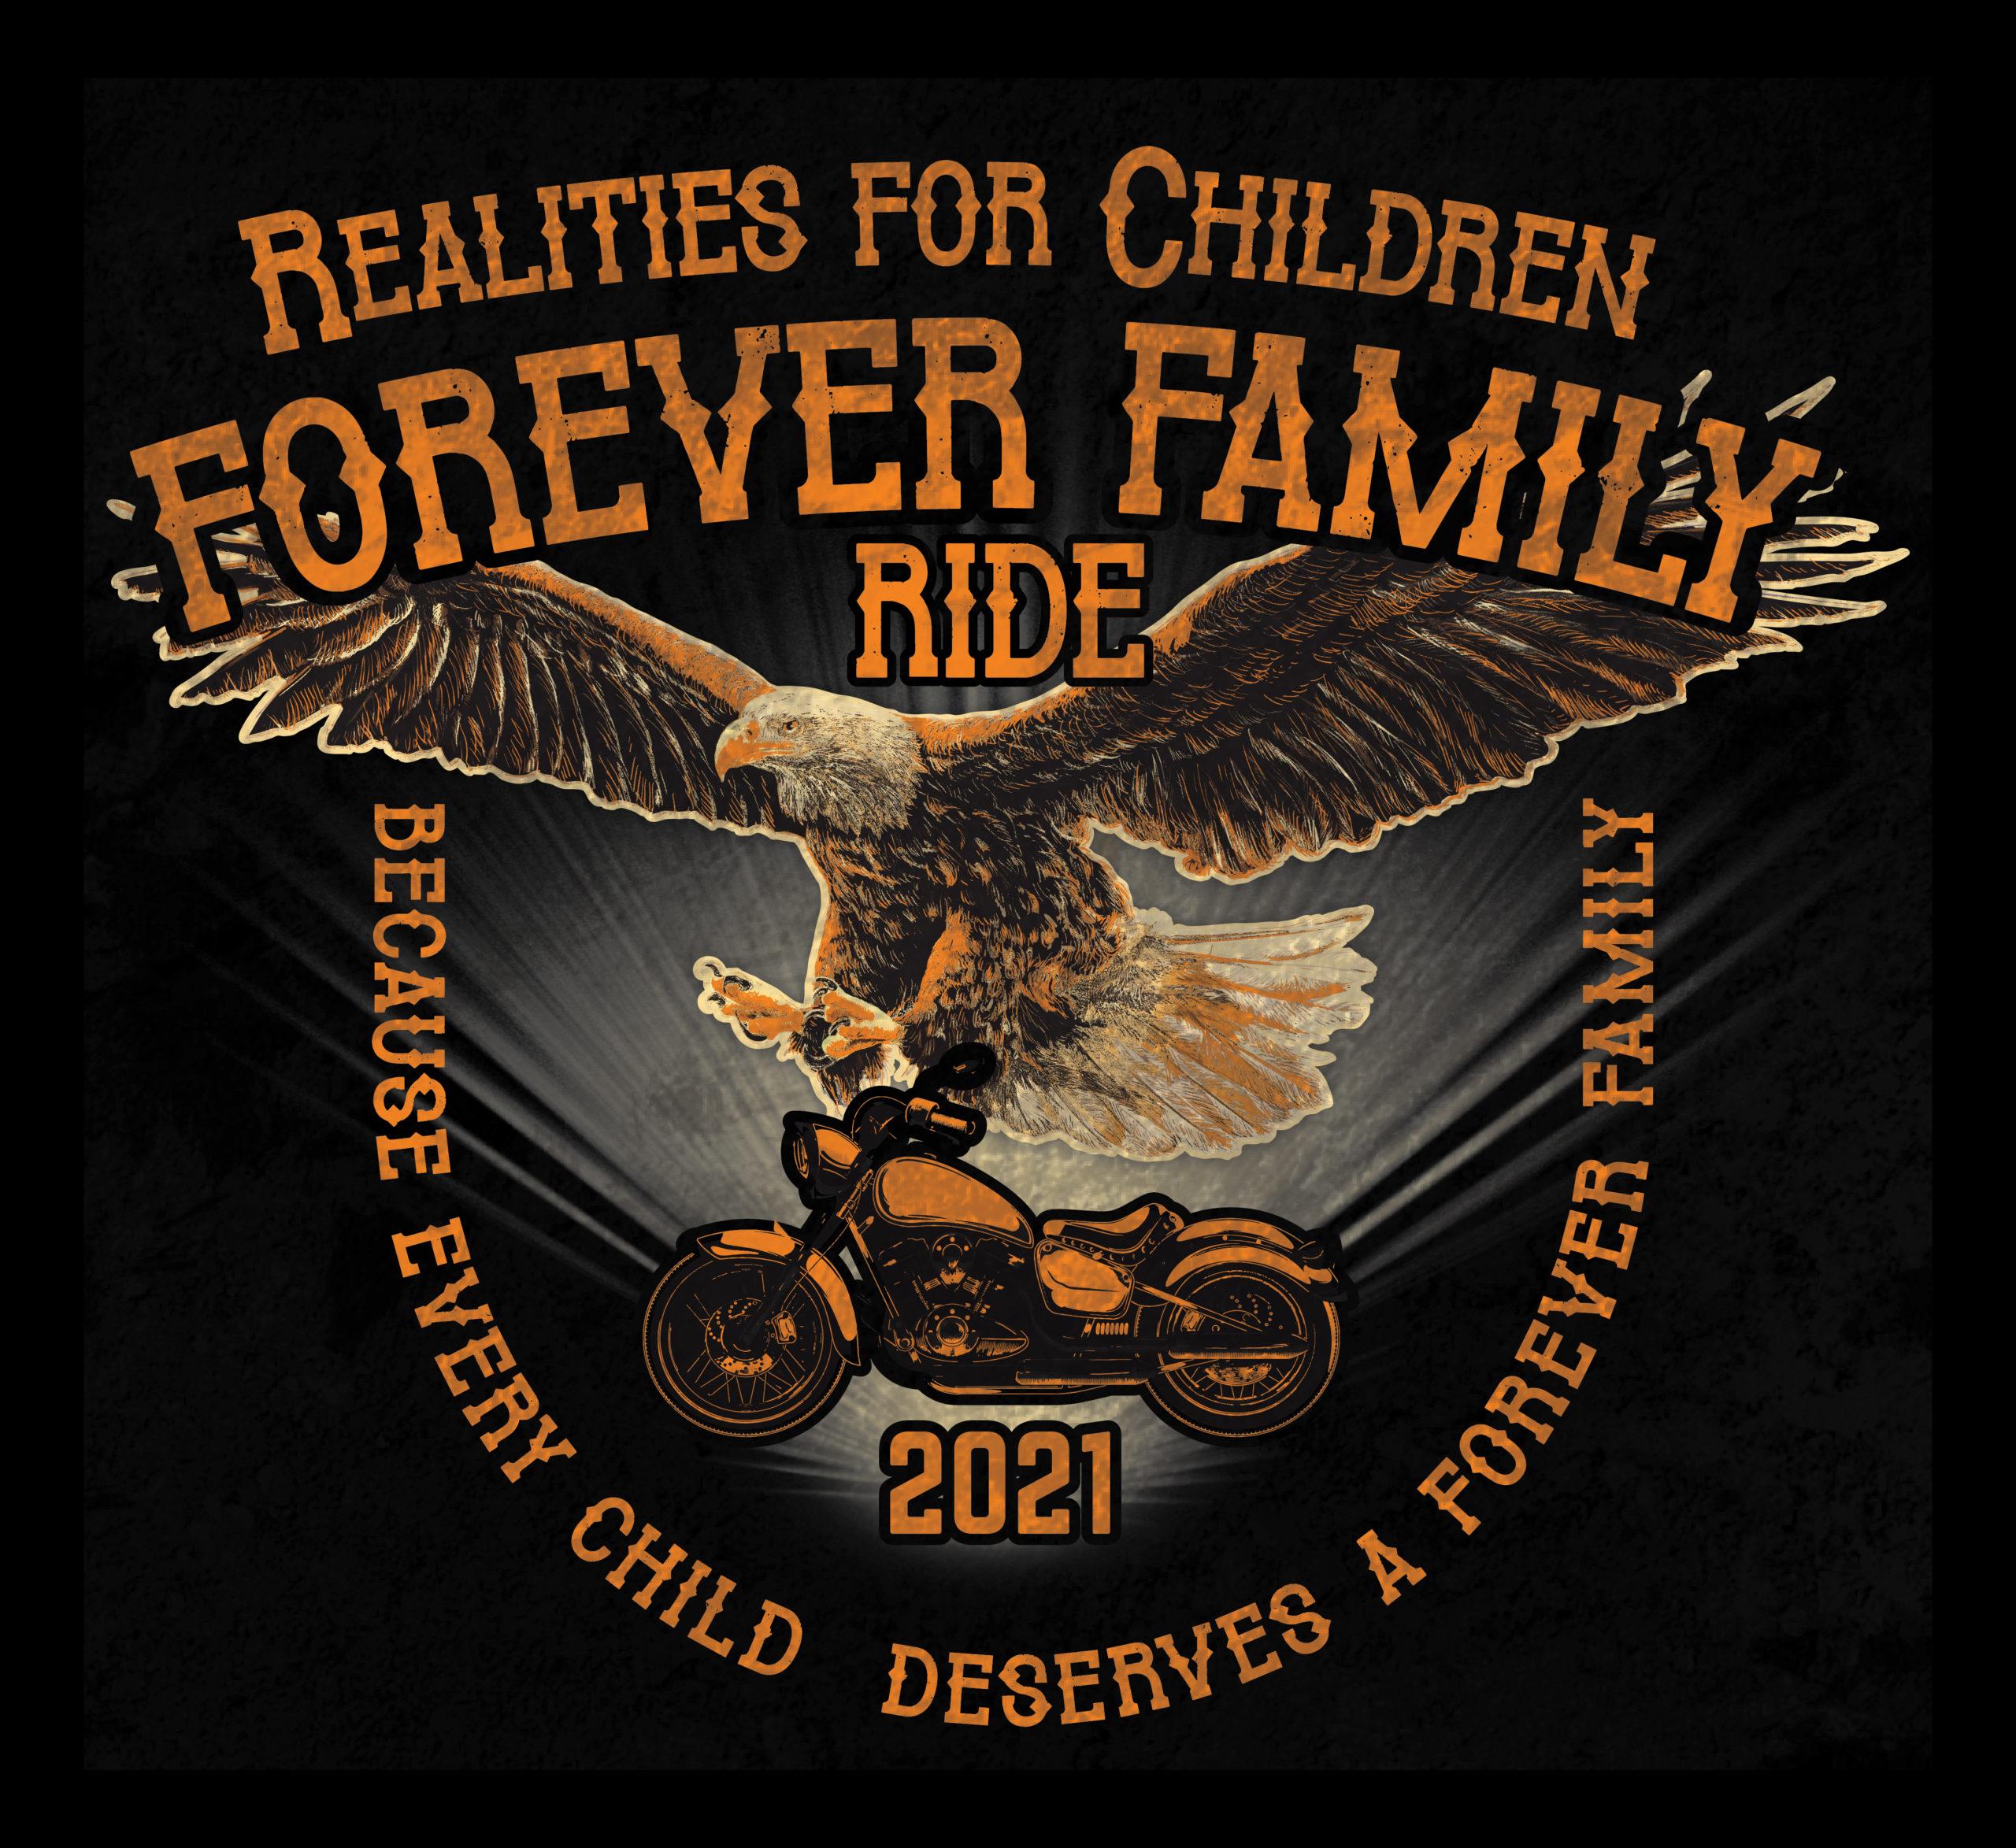 Forever Family Ride 2021